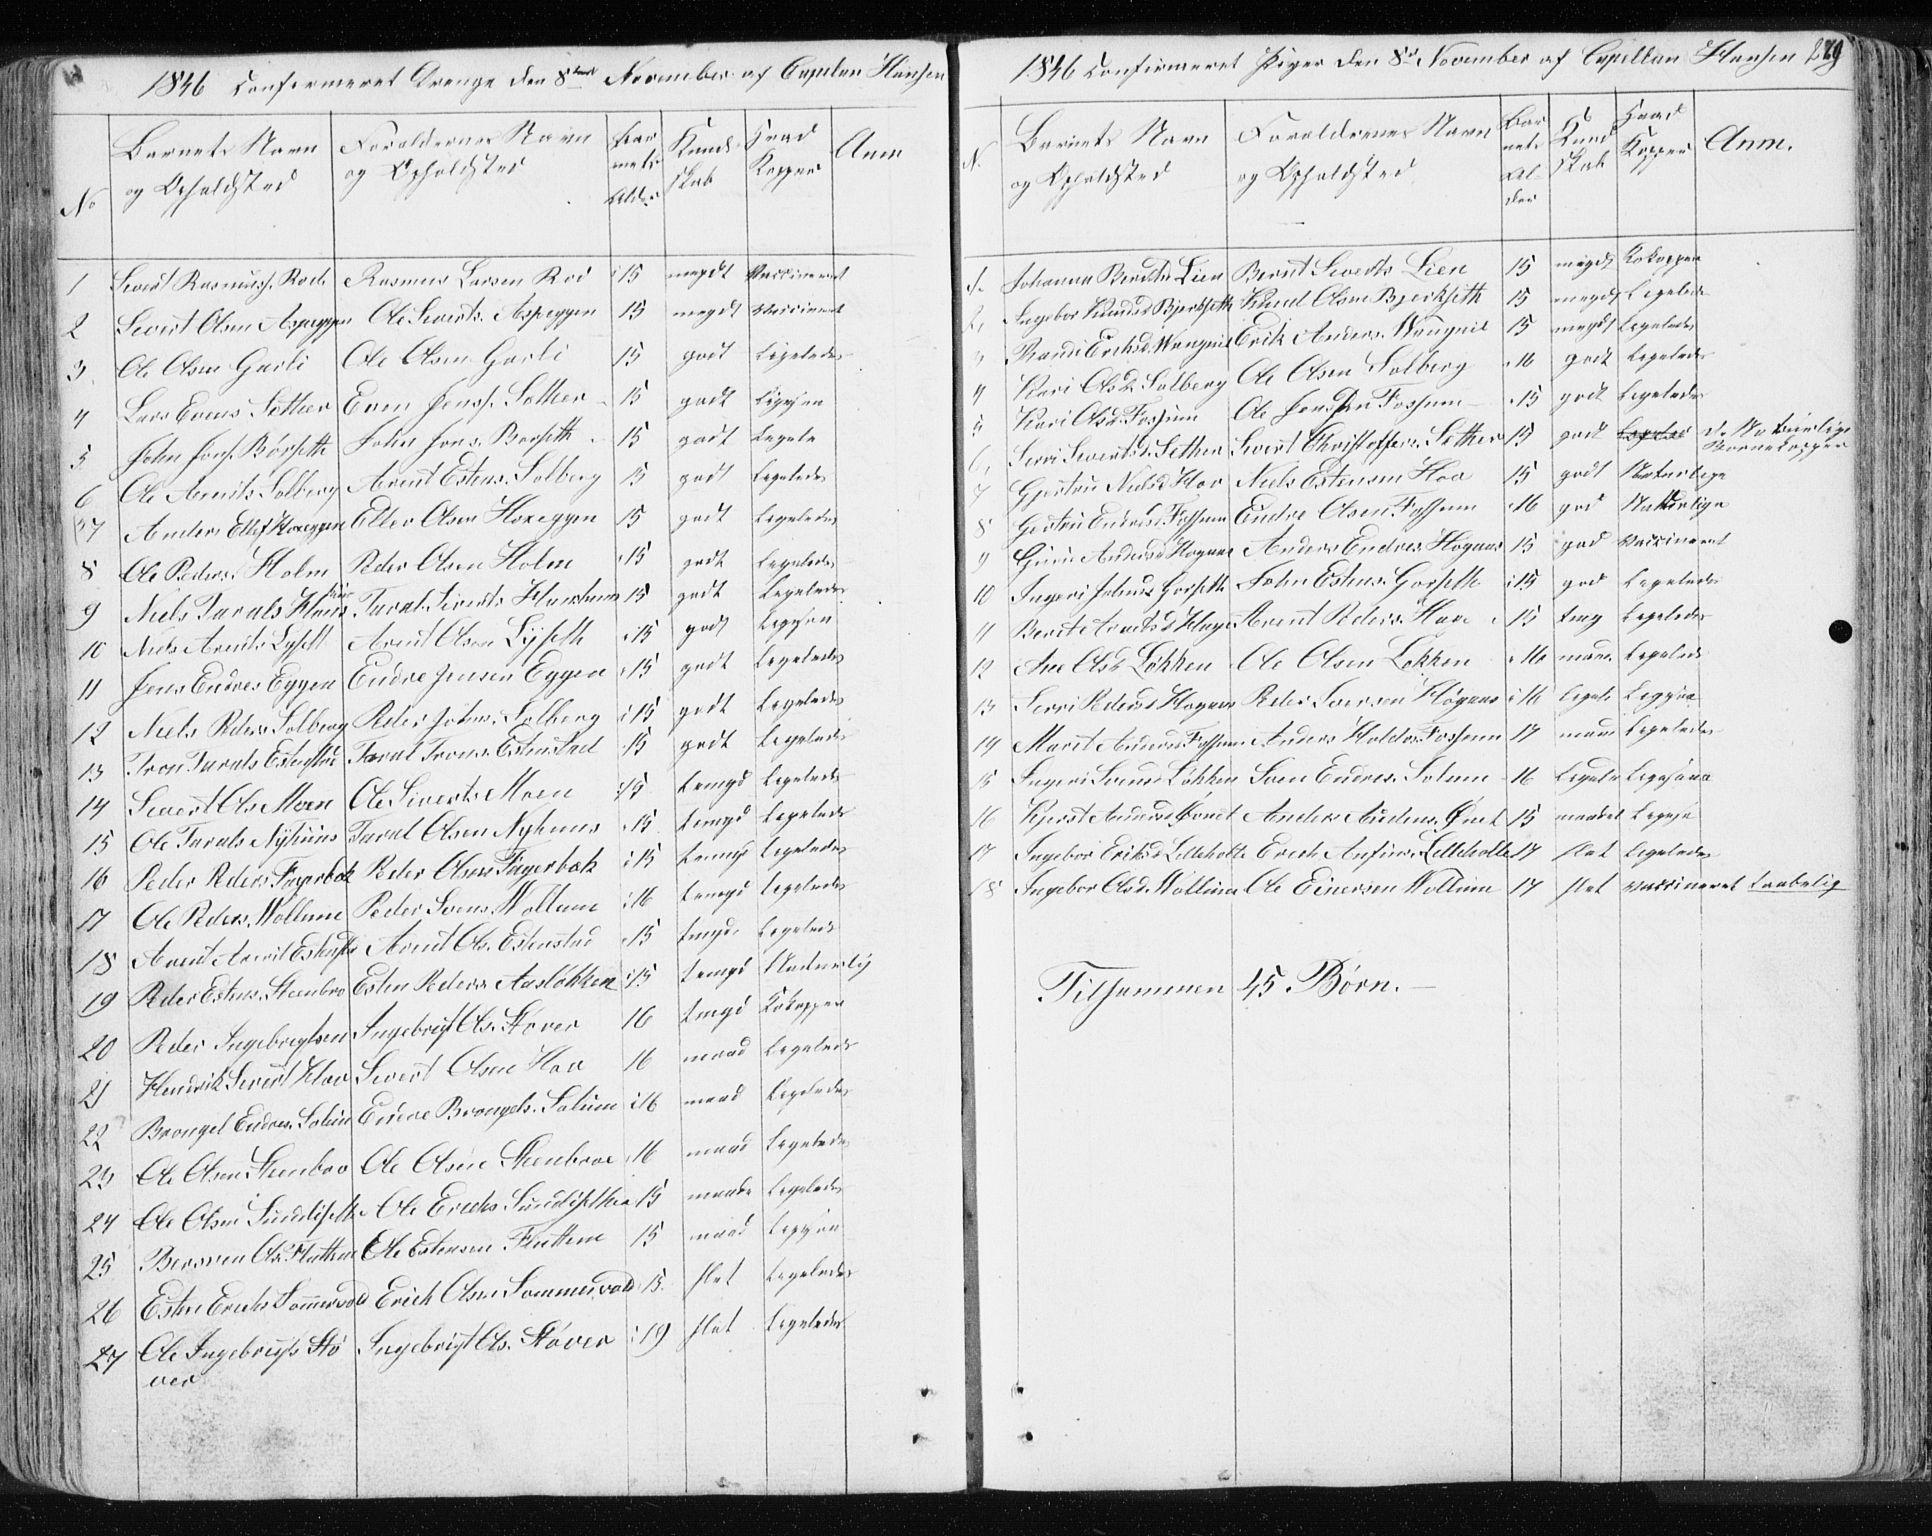 SAT, Ministerialprotokoller, klokkerbøker og fødselsregistre - Sør-Trøndelag, 689/L1043: Klokkerbok nr. 689C02, 1816-1892, s. 269